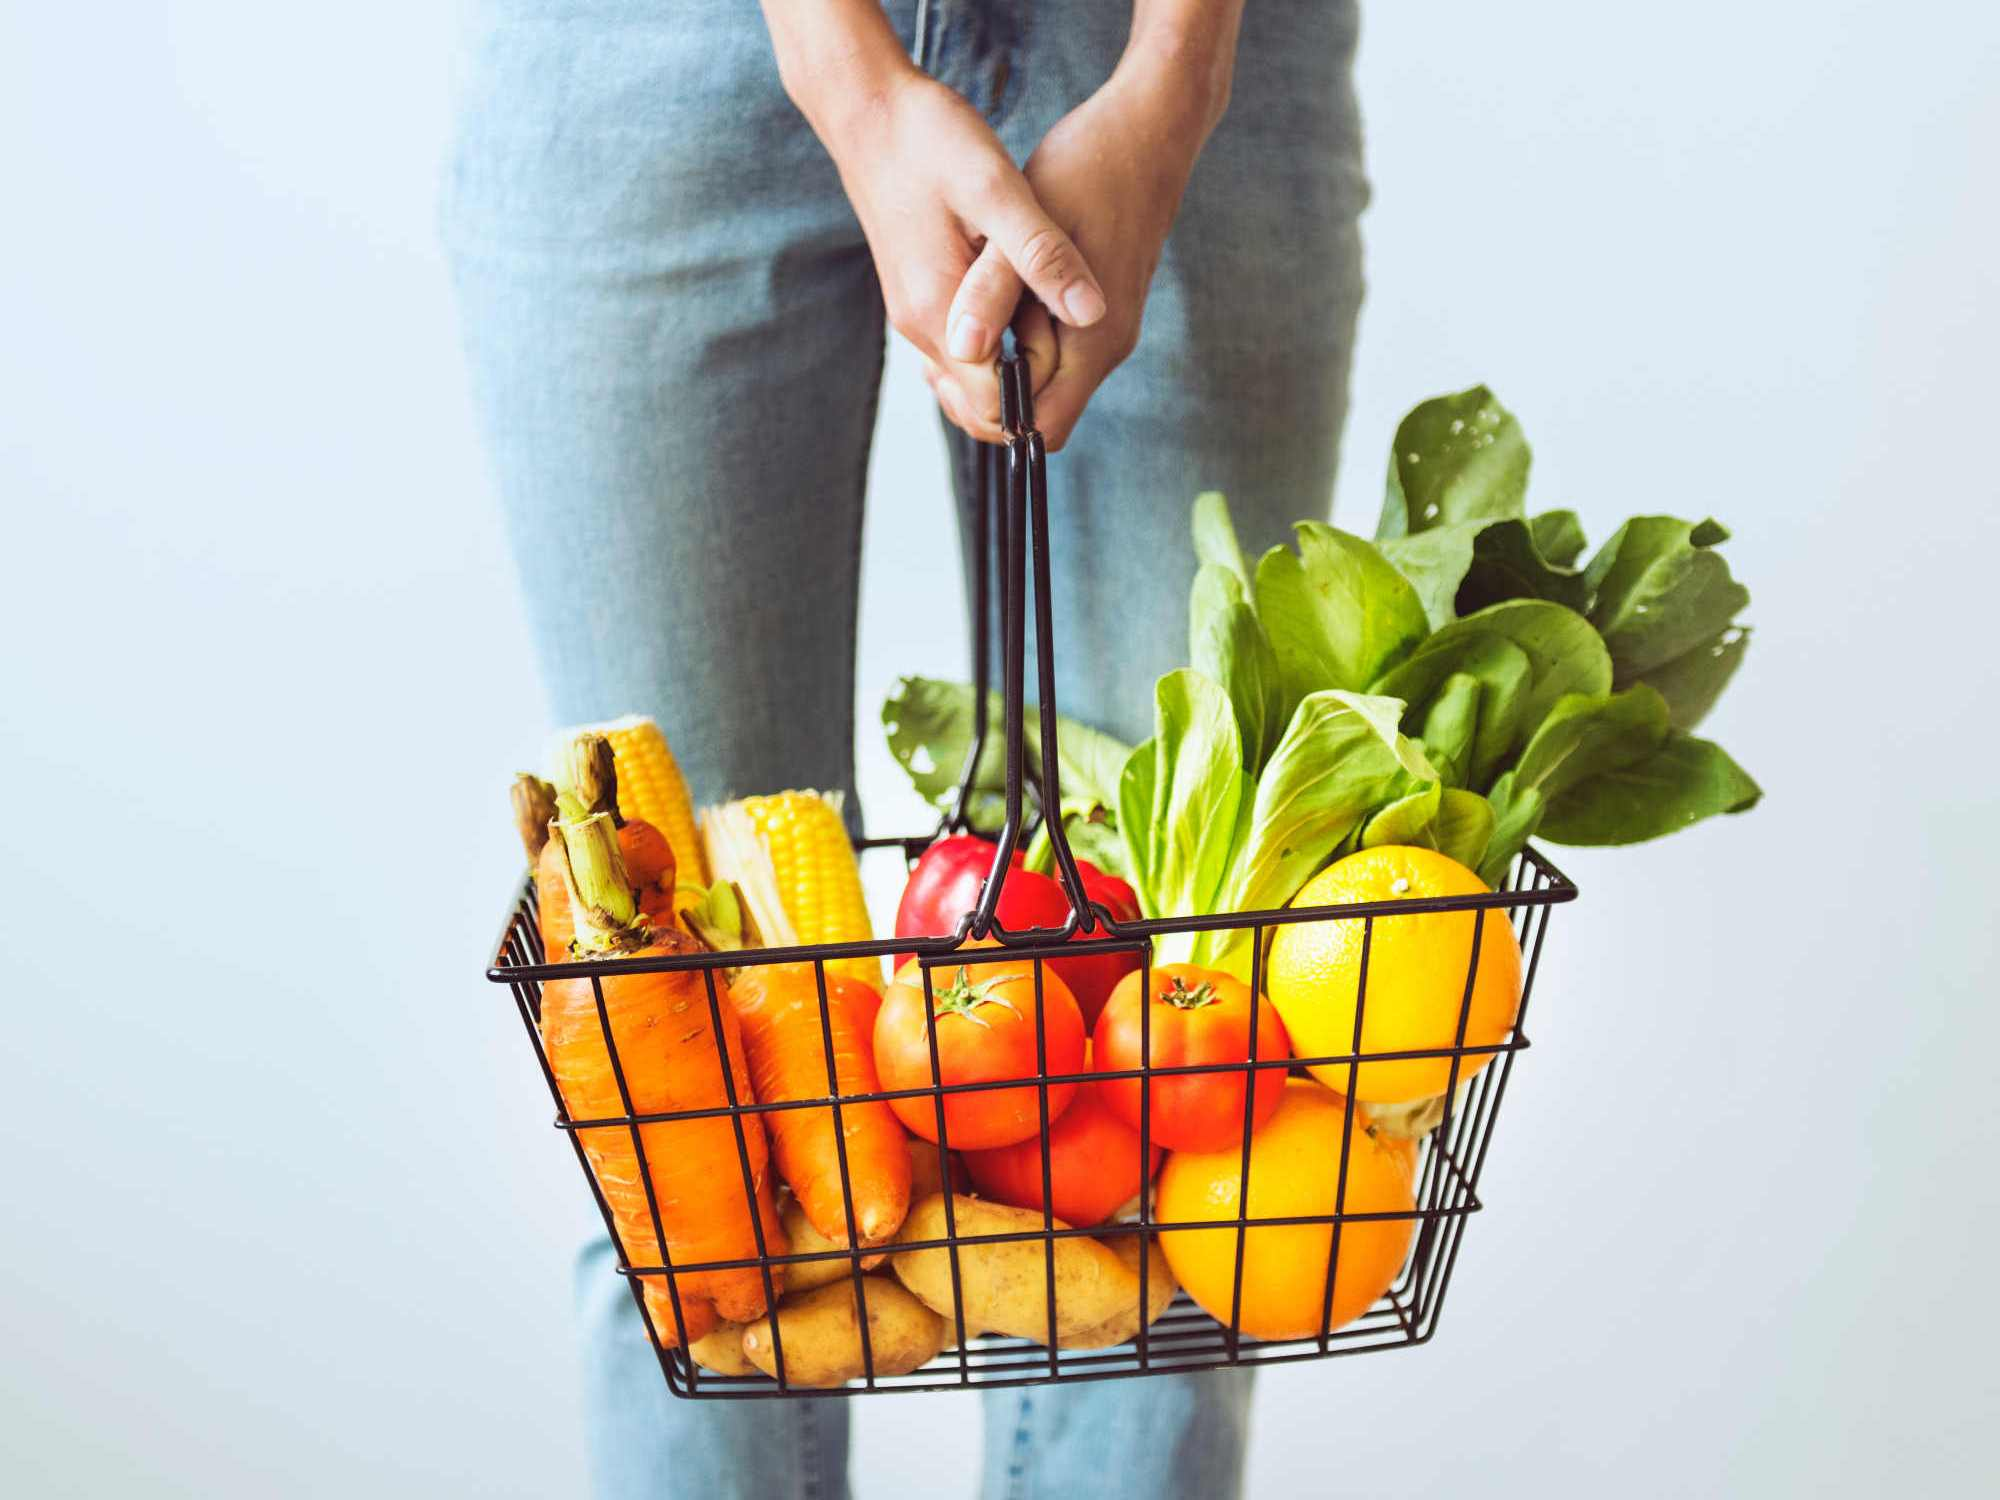 Bienfaits prouvés des légumineuses, des champignons, du café et du thé pour prévenir les maladies cardiaques